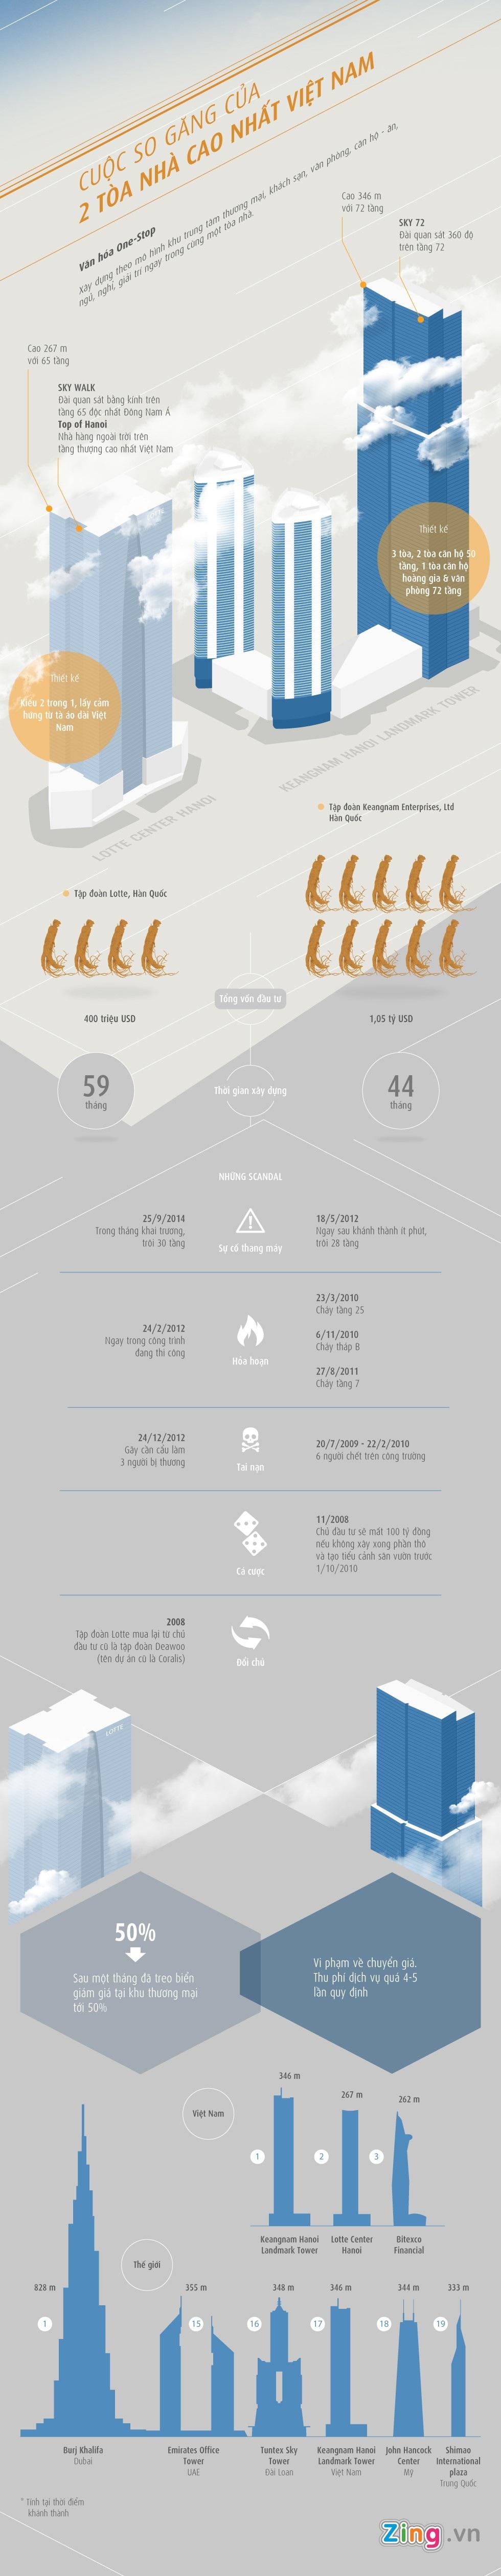 Infographic - Những Tòa Nhà Cao Nhất Việt Nam